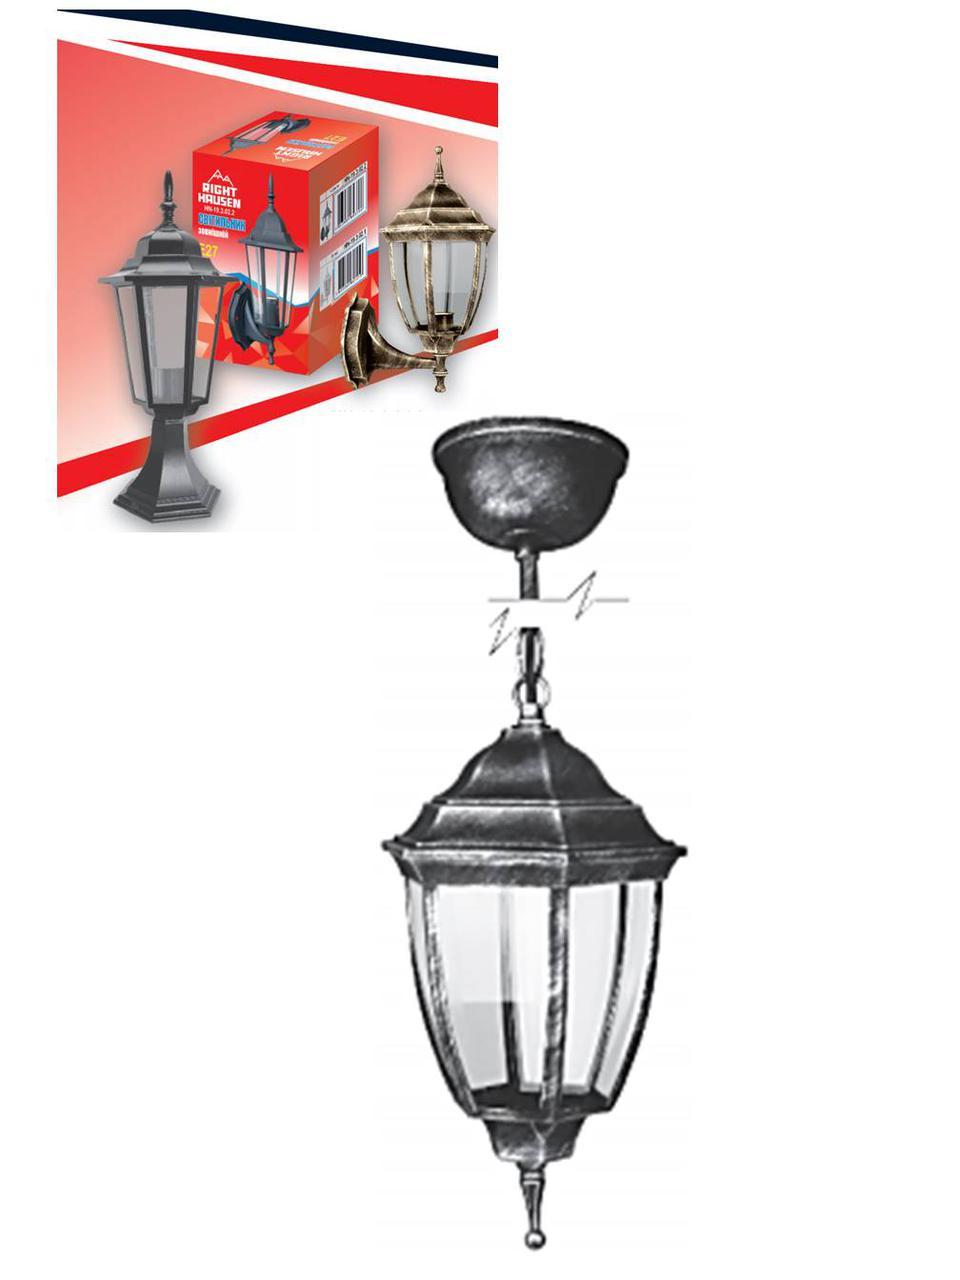 Светильник подвесной садово-парковый античное серебро Right Hausen